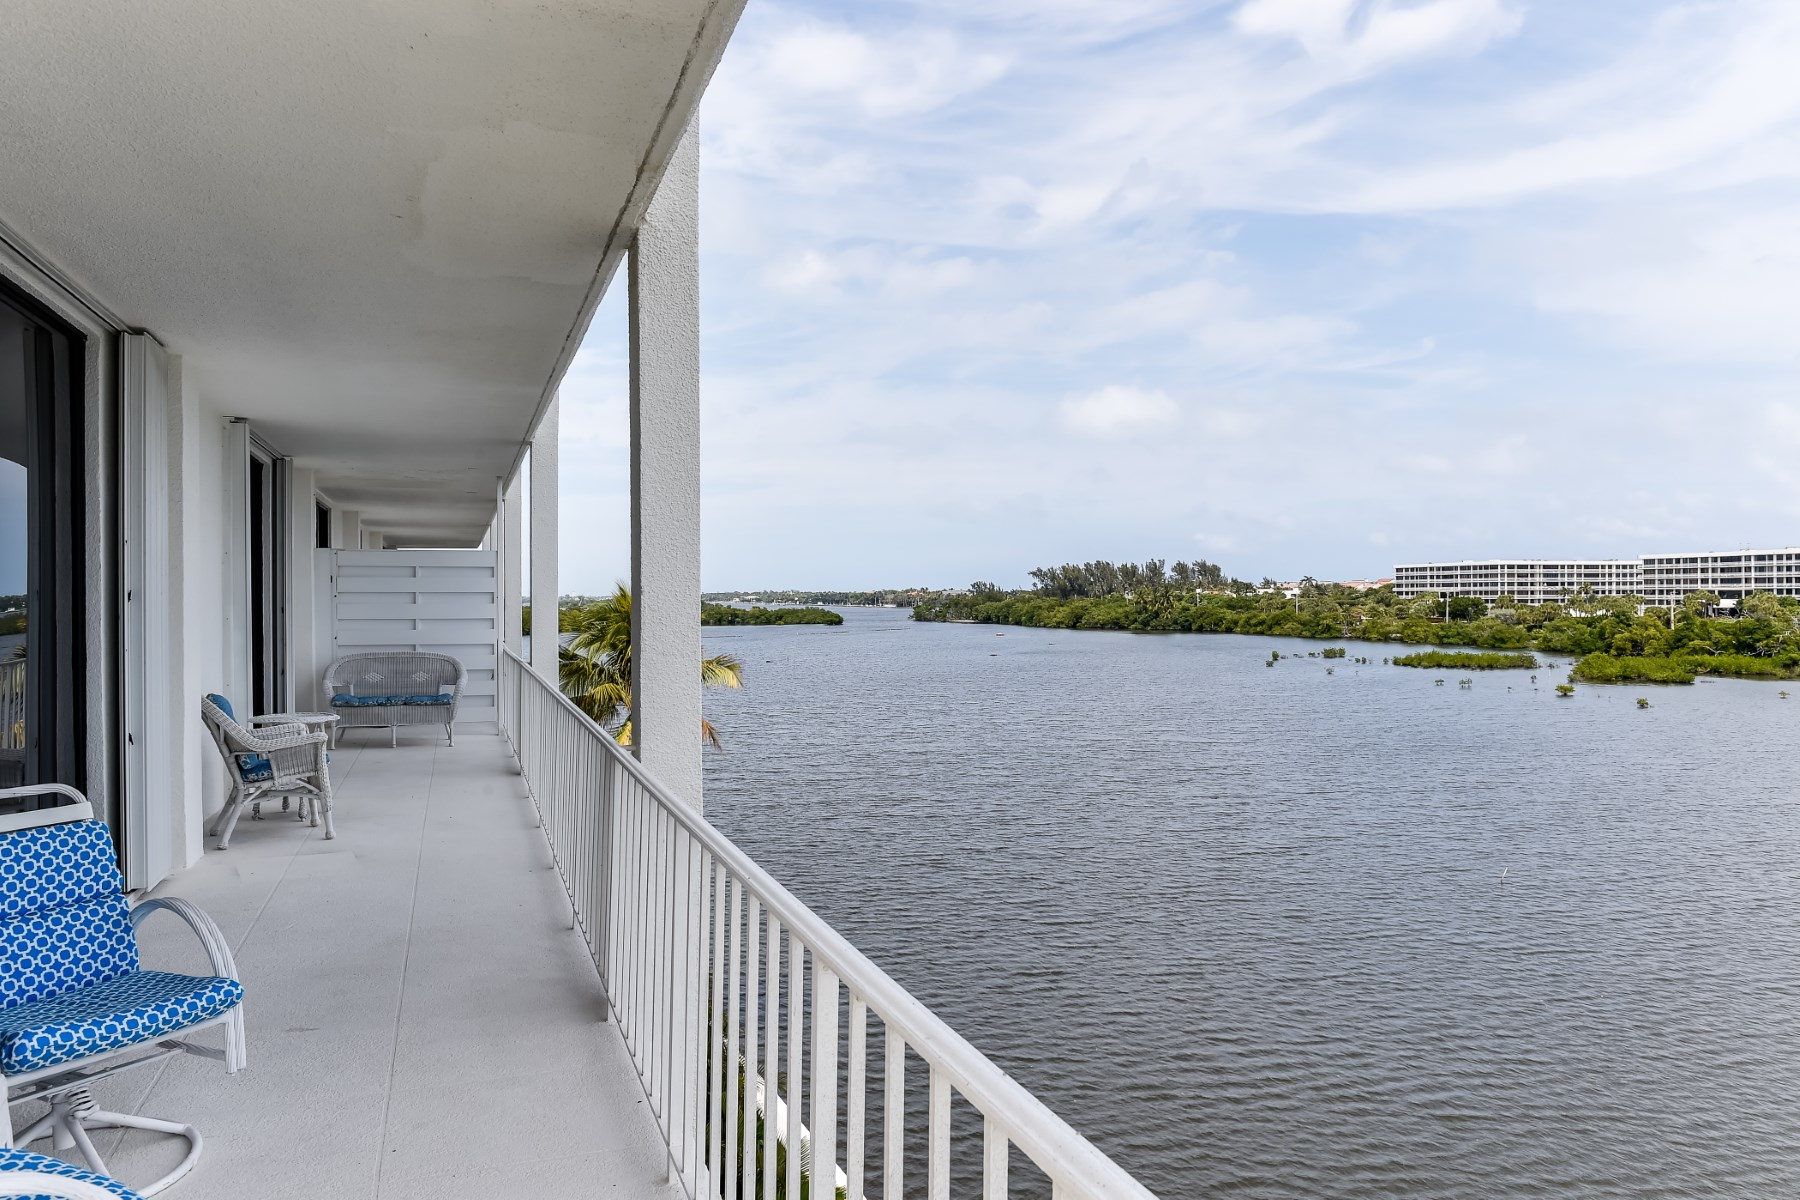 Eigentumswohnung für Verkauf beim Tower Vallencay of Ibis Isle 2155 Ibis Isle Rd Apt 17 Palm Beach, Florida 33480 Vereinigte Staaten